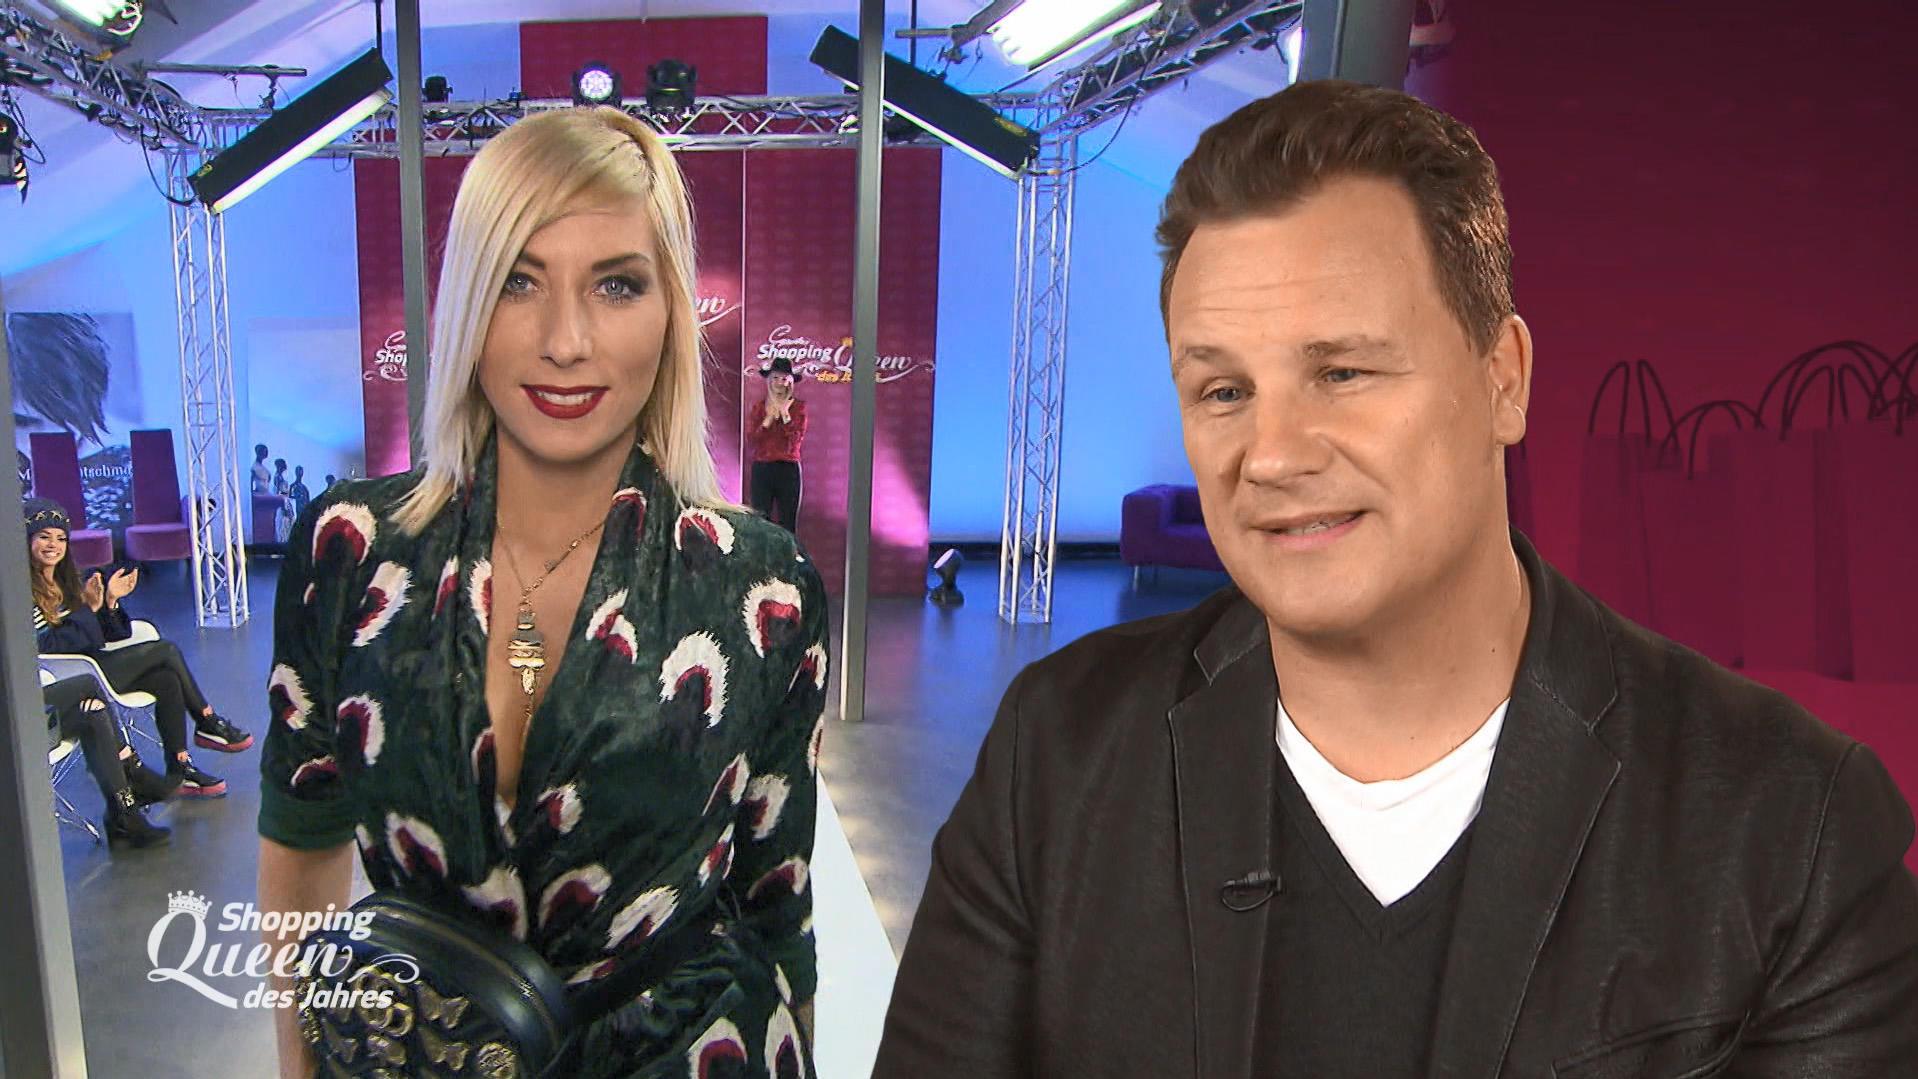 Shopping Queen Des Jahres 2017 Guido Findet Annes Look Sehr Sehr